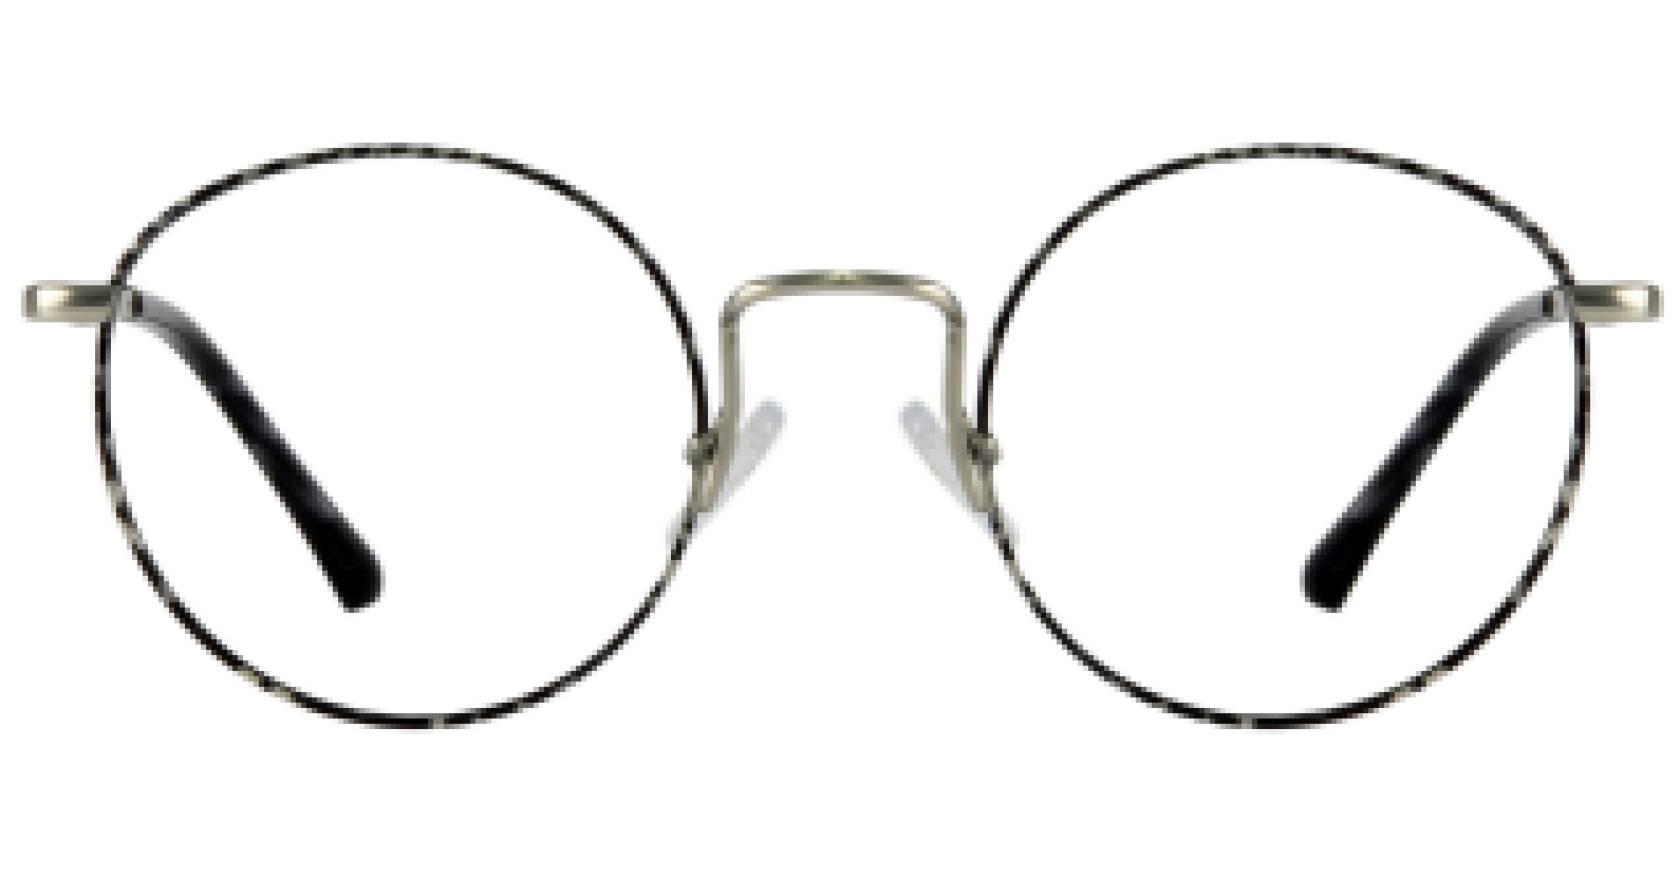 imagen miniatura frontal de la referencia 1001562